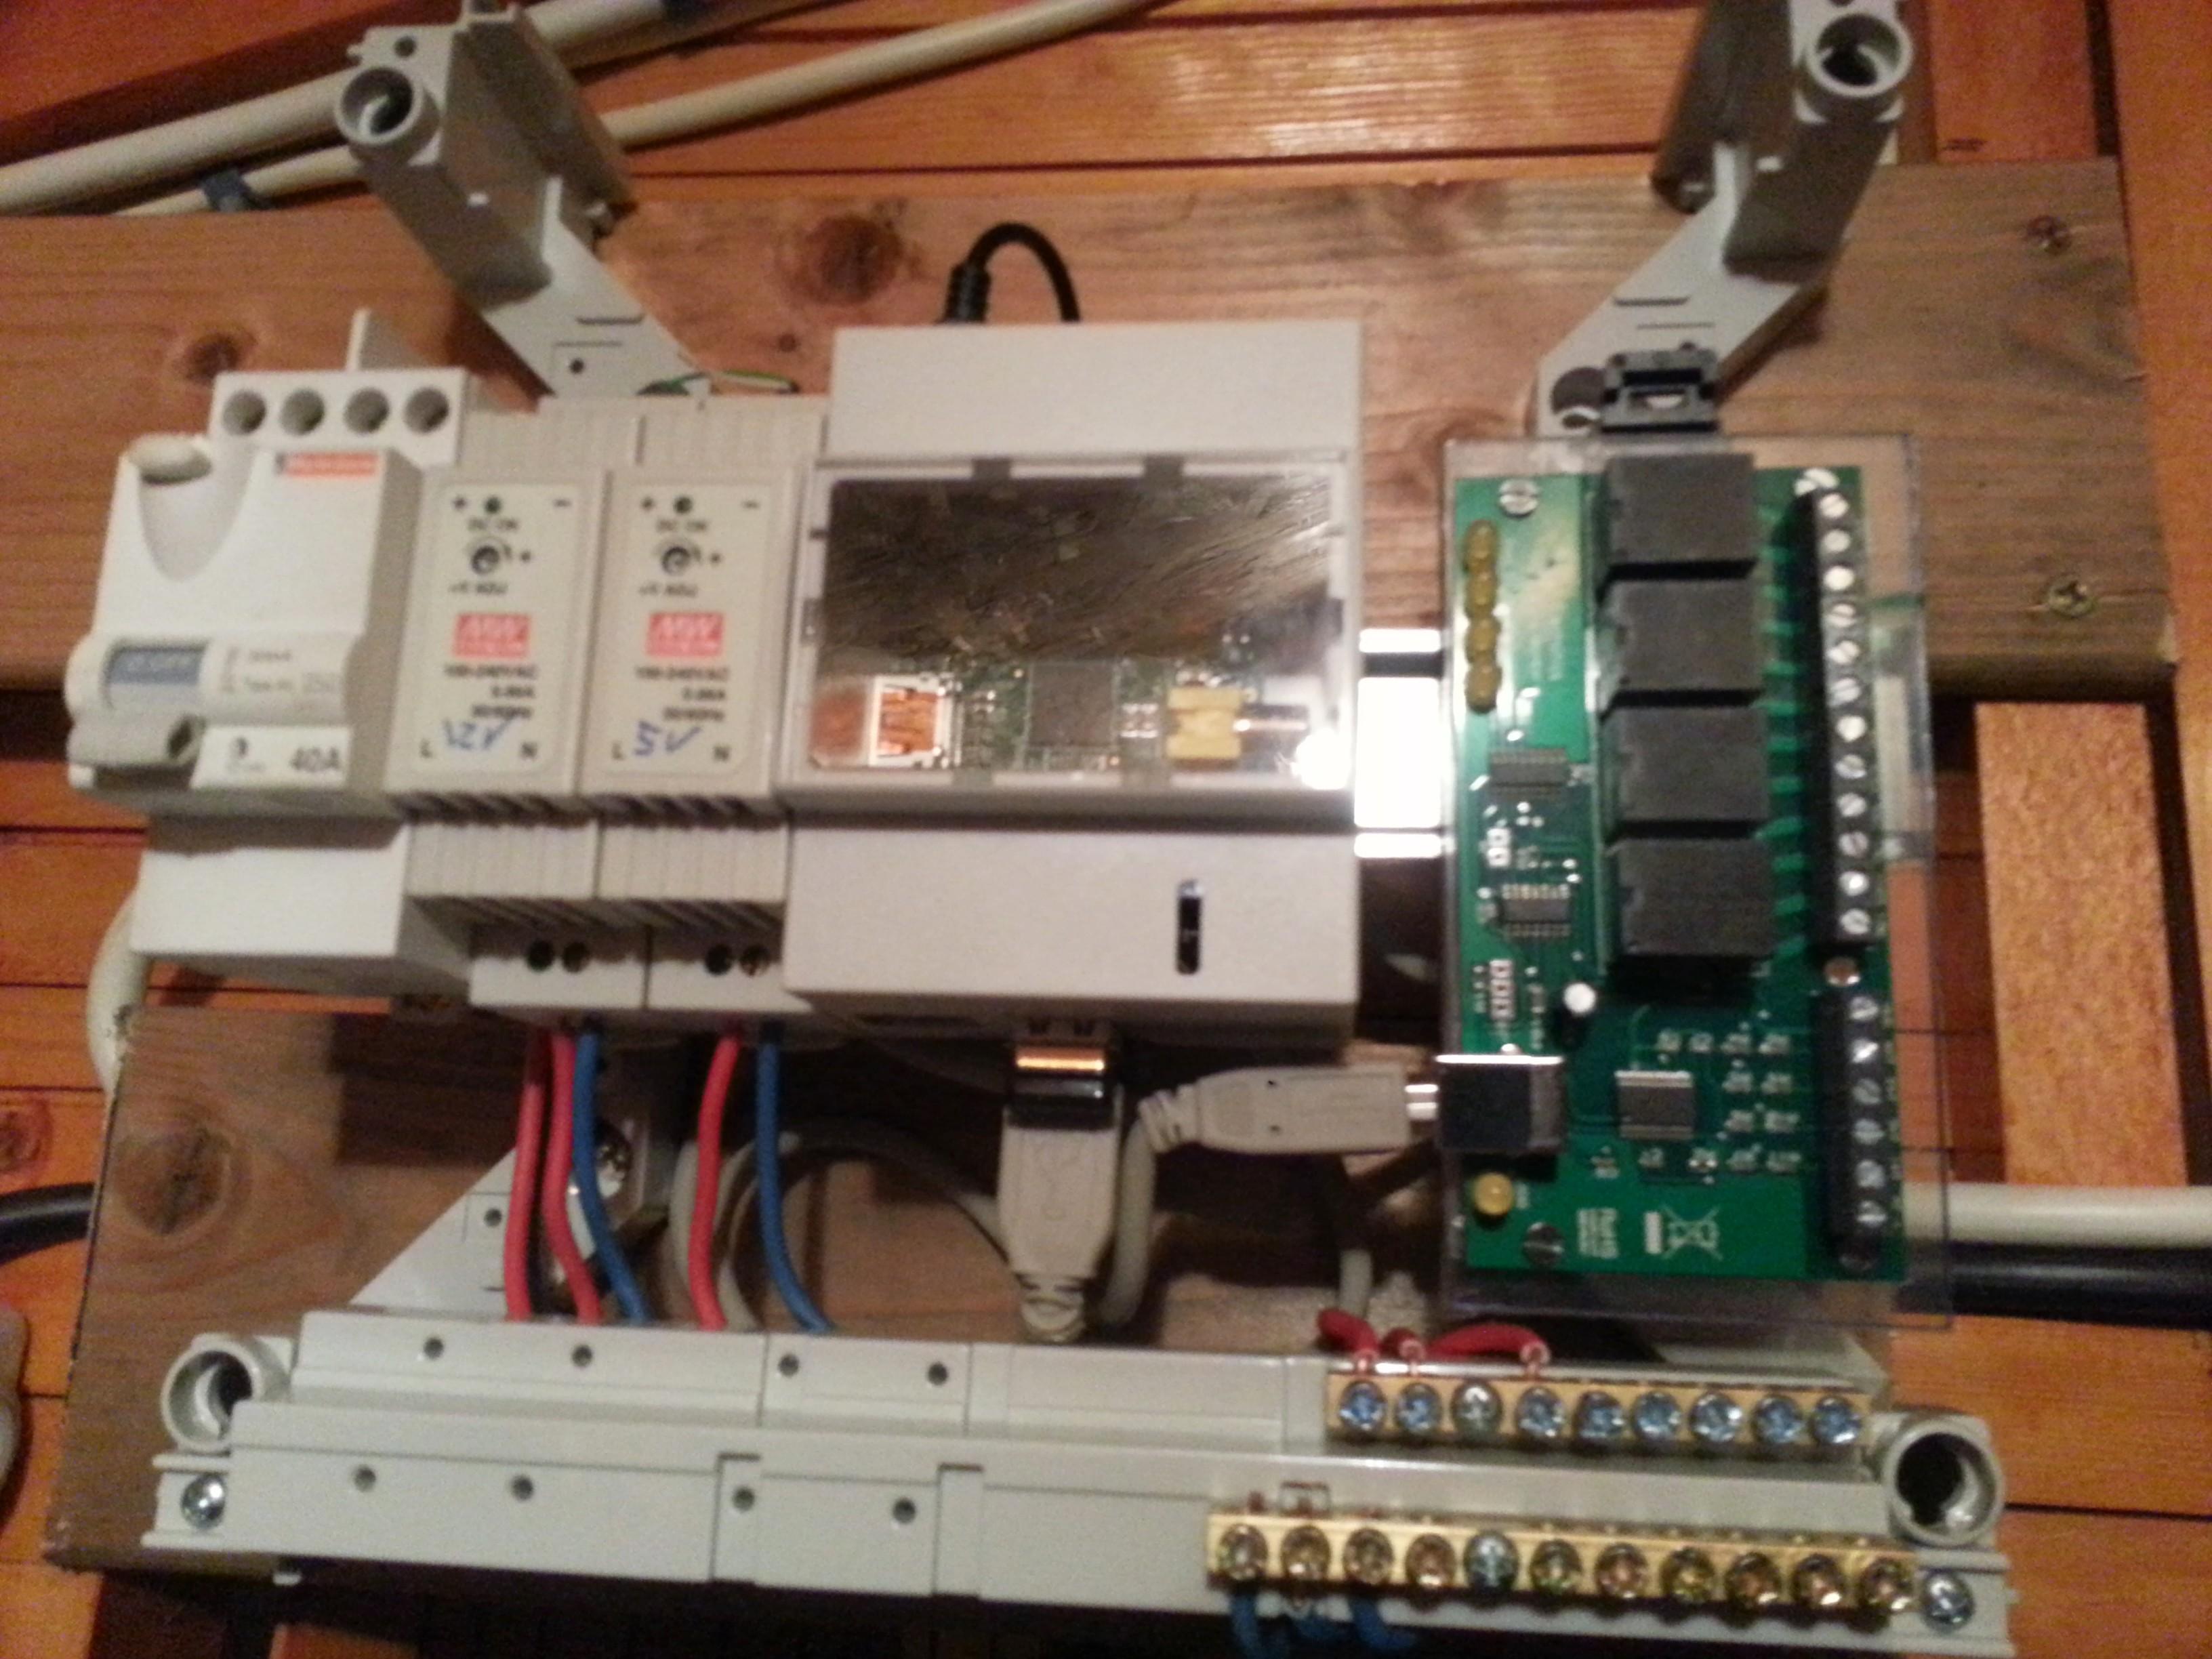 La carte USB-X440 installée dans le boîtier électrique